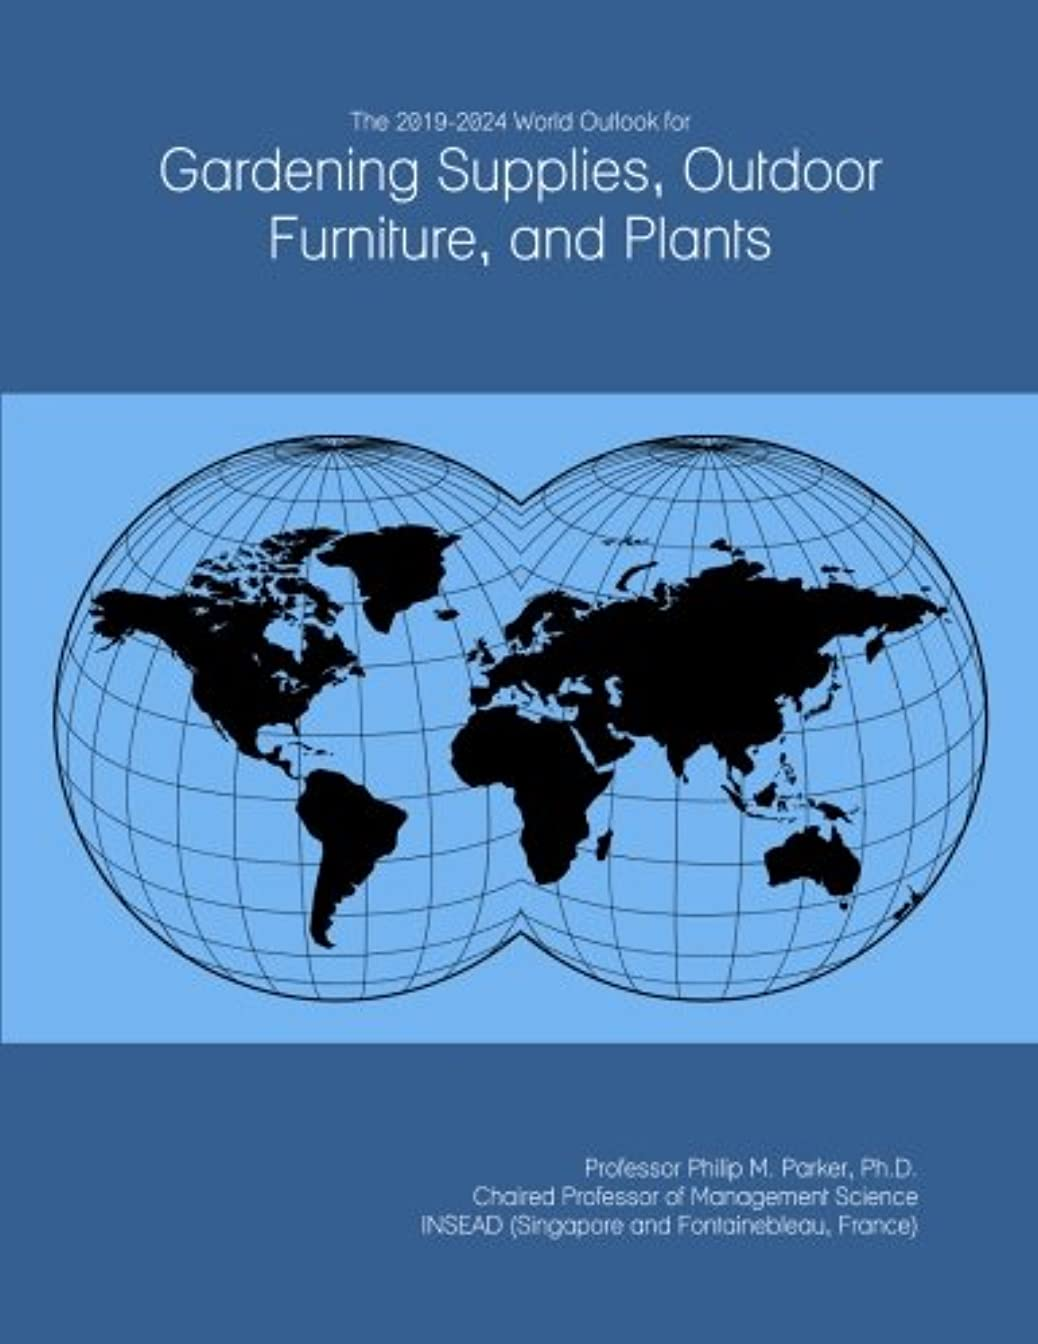 ロールシャンパン解体するThe 2019-2024 World Outlook for Gardening Supplies, Outdoor Furniture, and Plants